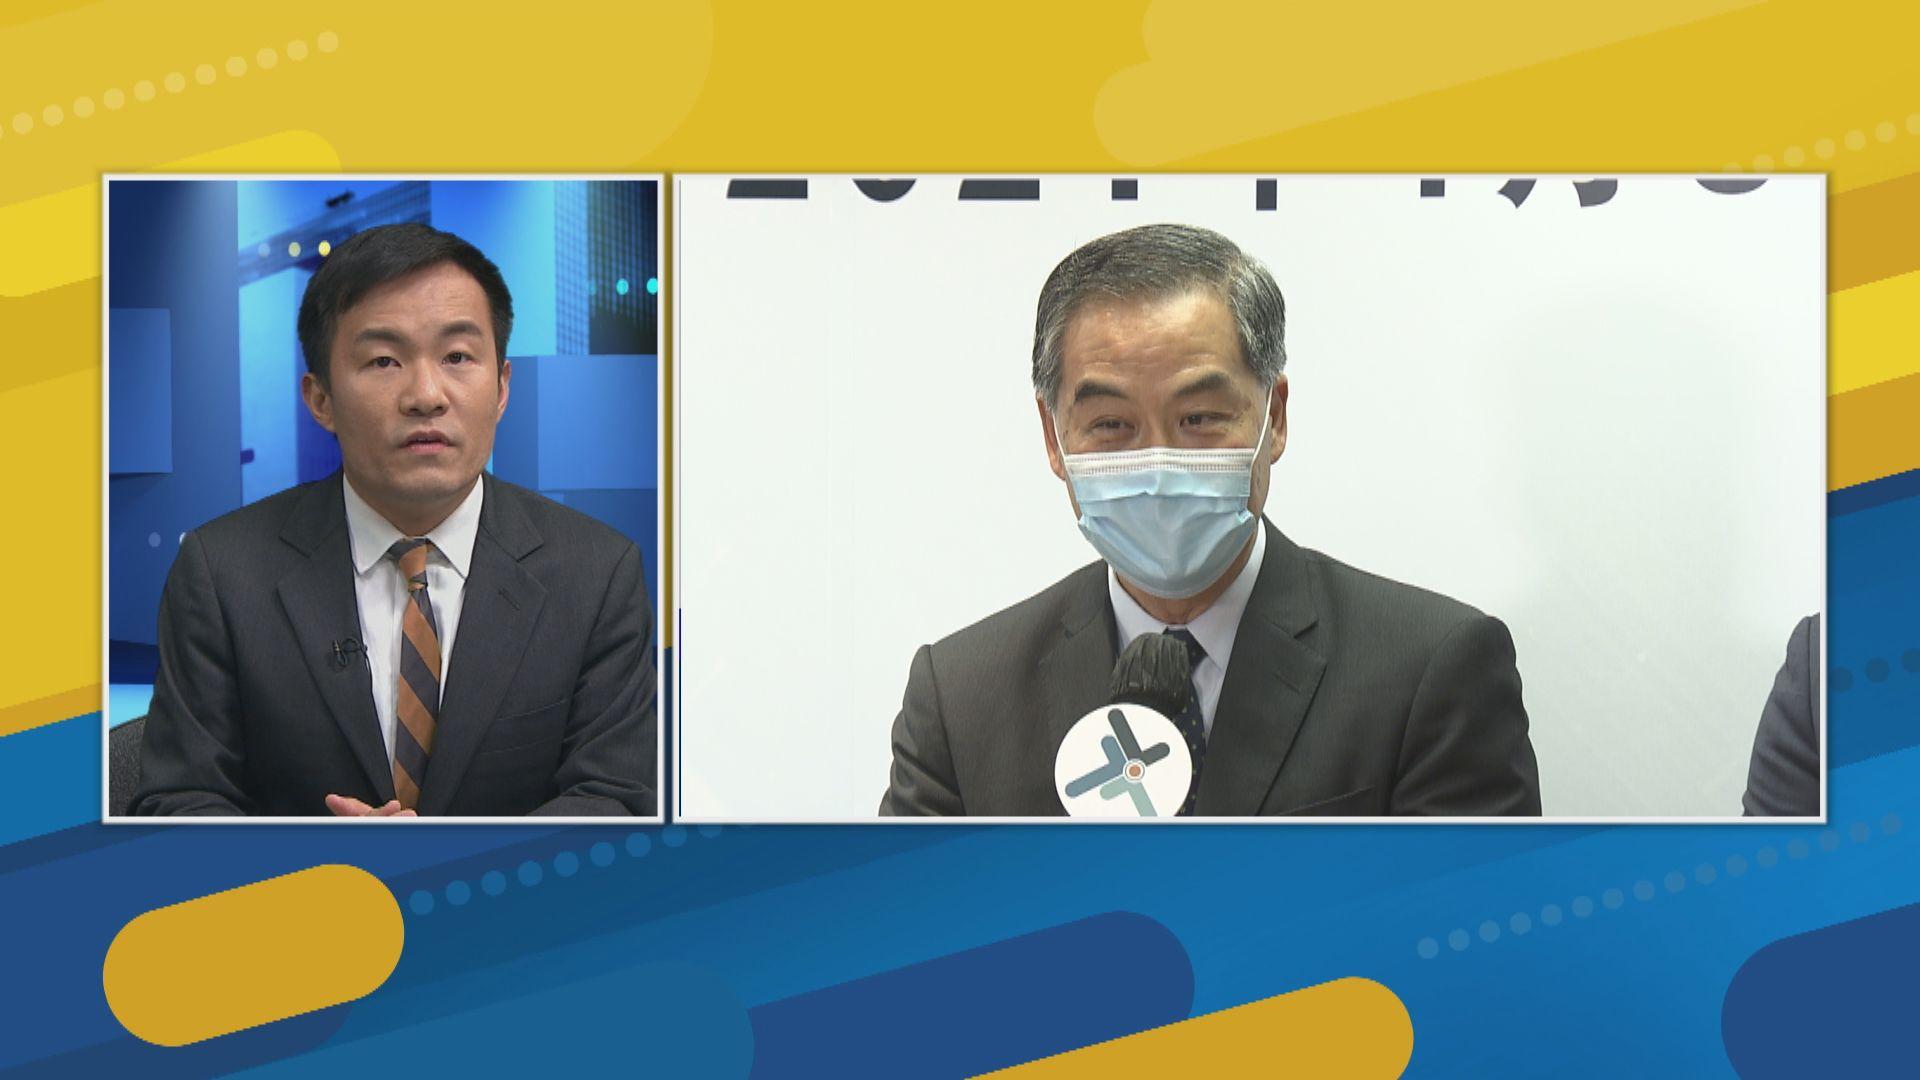 【政情】特首戰熱身賽開始 梁振英高調「挑戰」林鄭